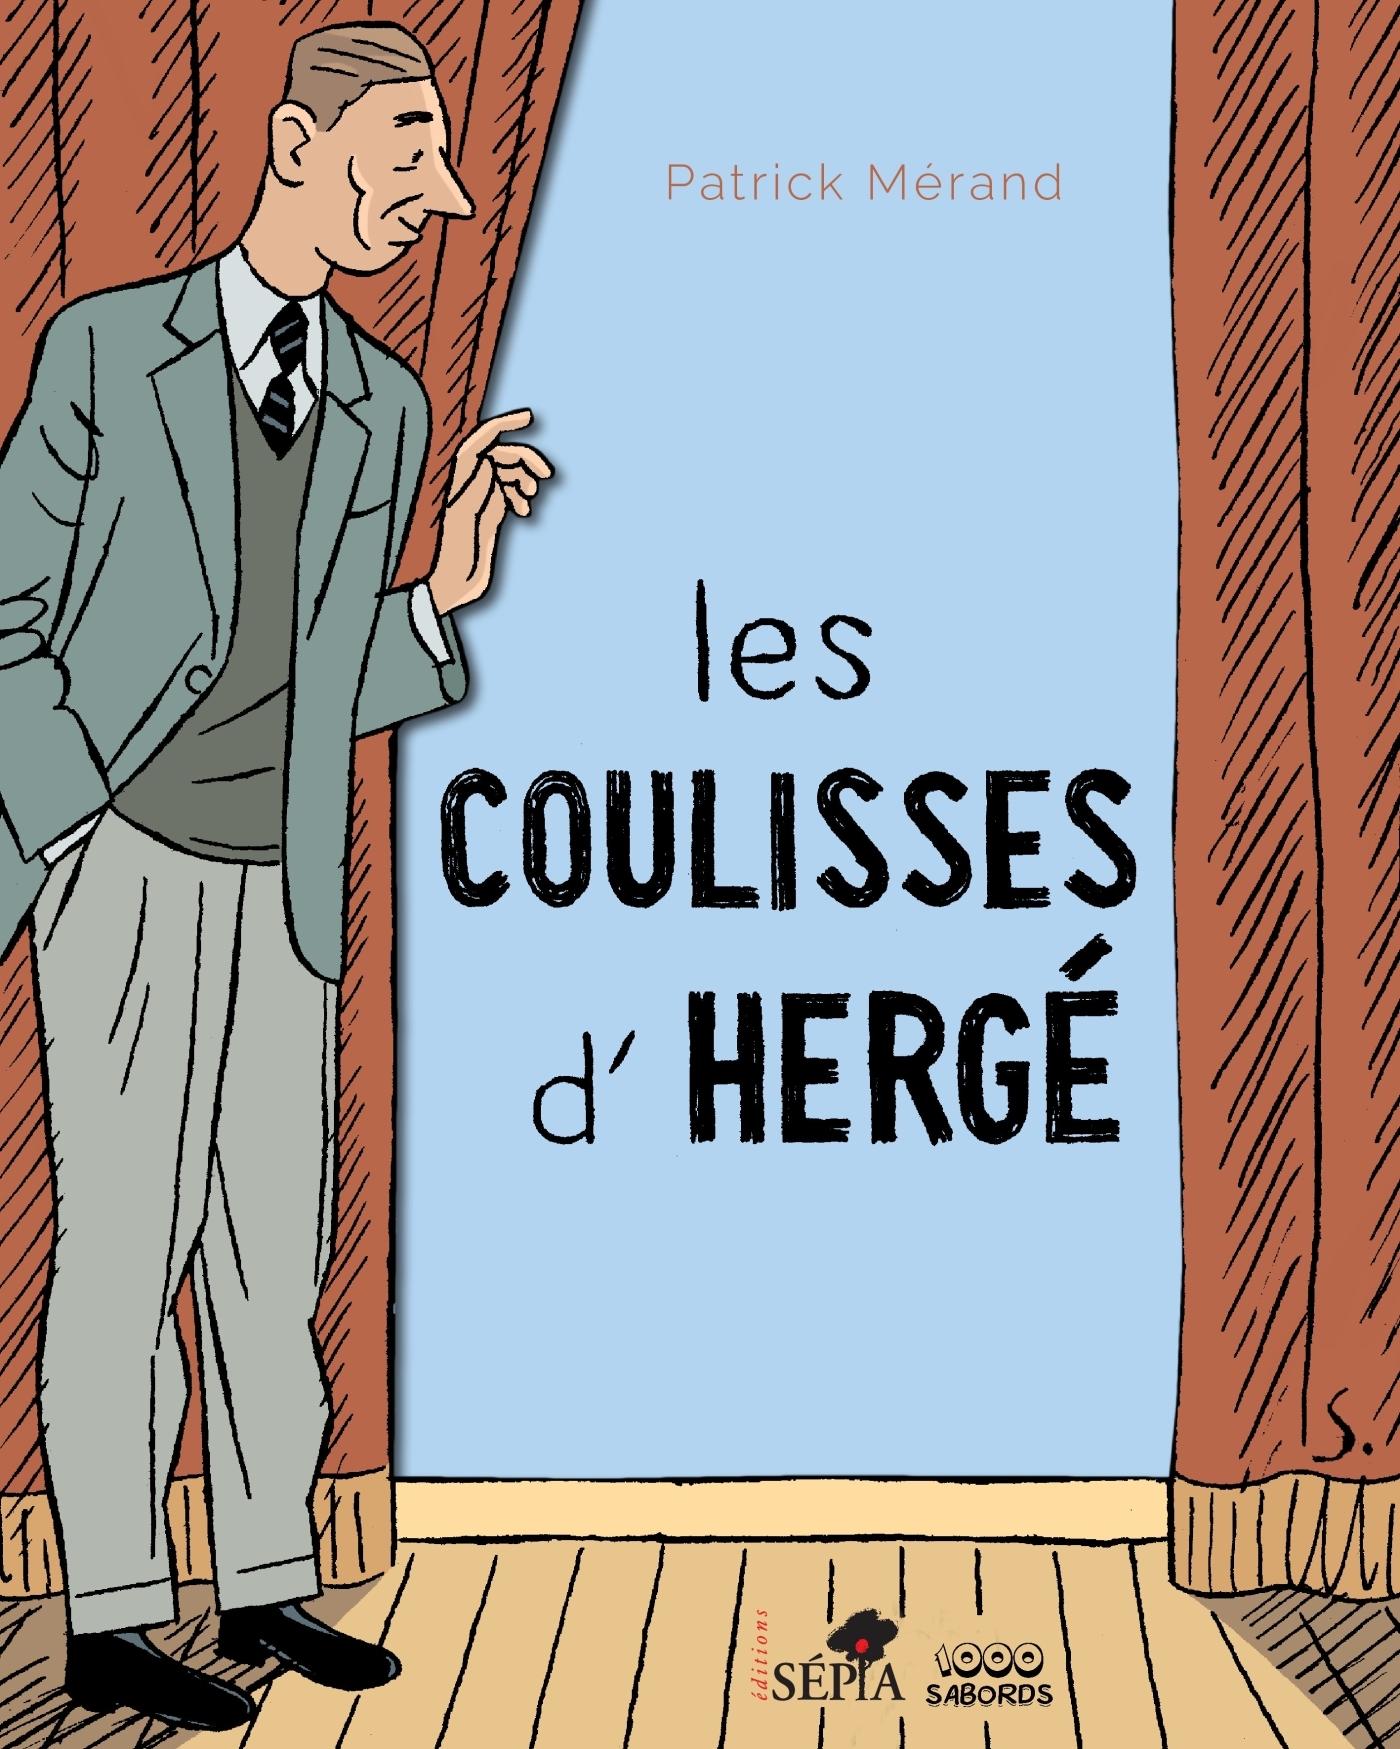 DANS LES COULISSES D'HERGE